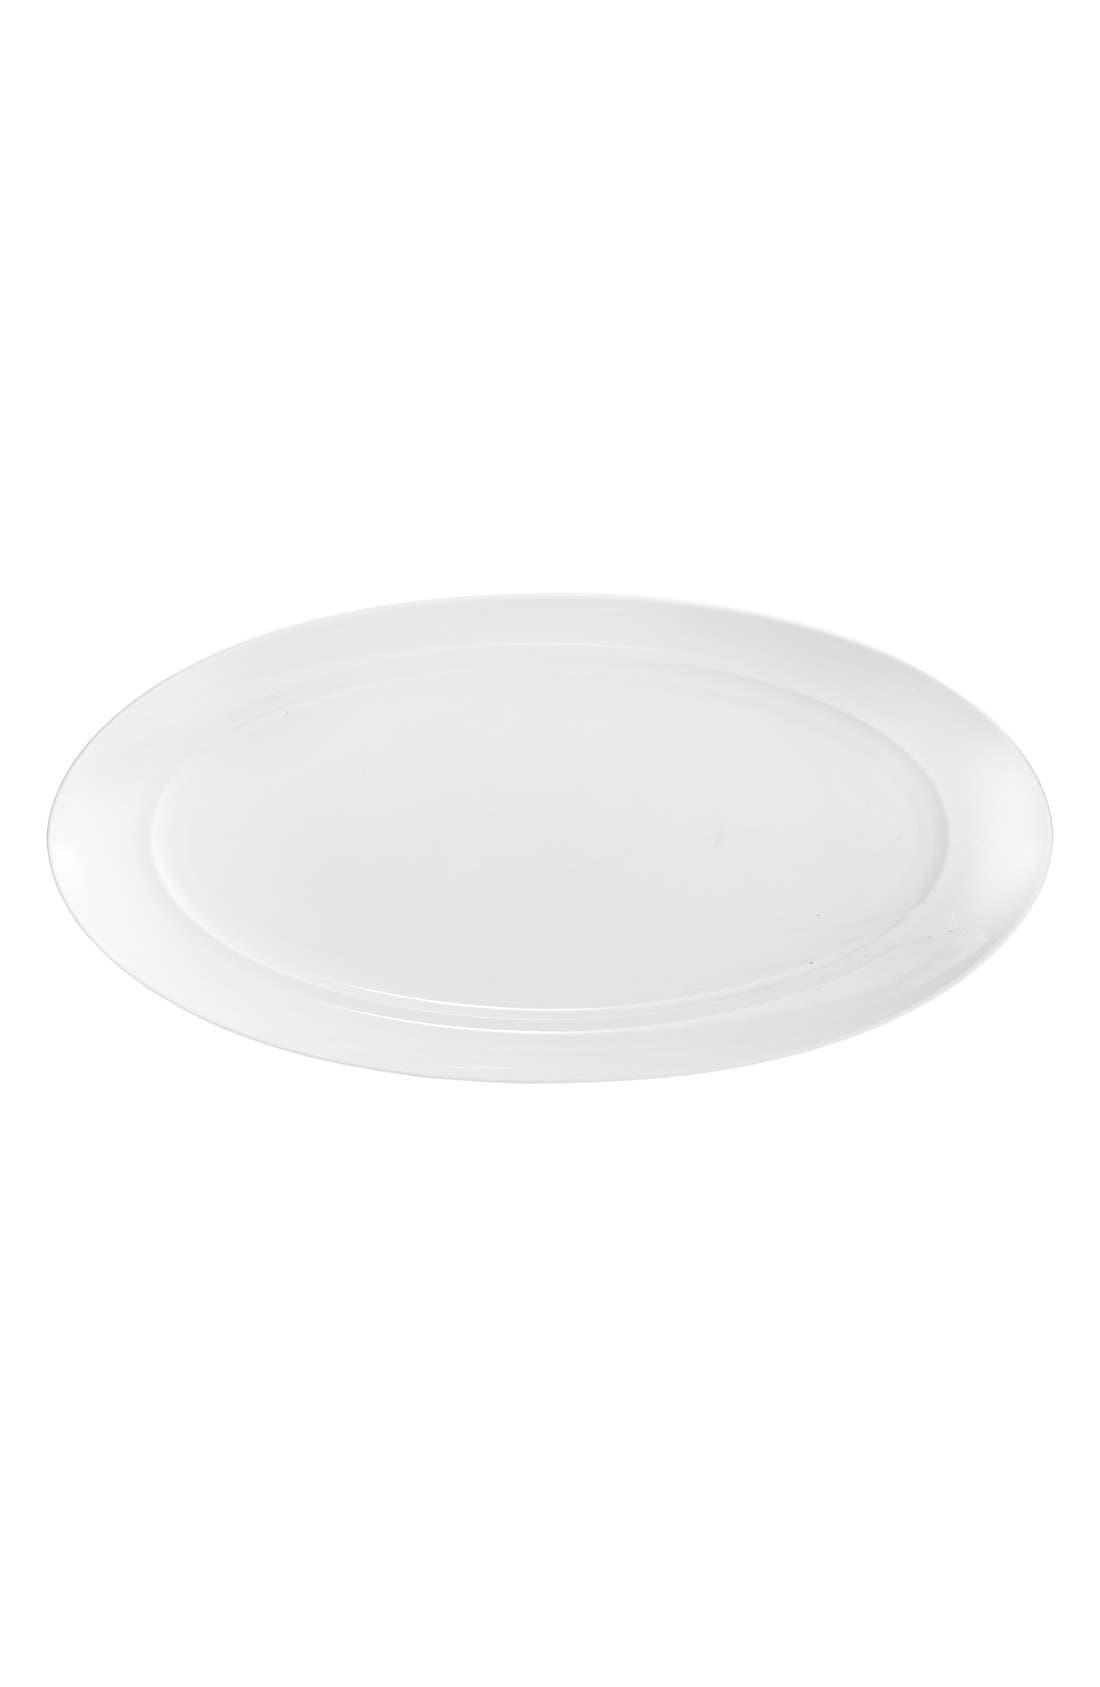 Nambé 'Skye Collection' Oval Bone China Platter